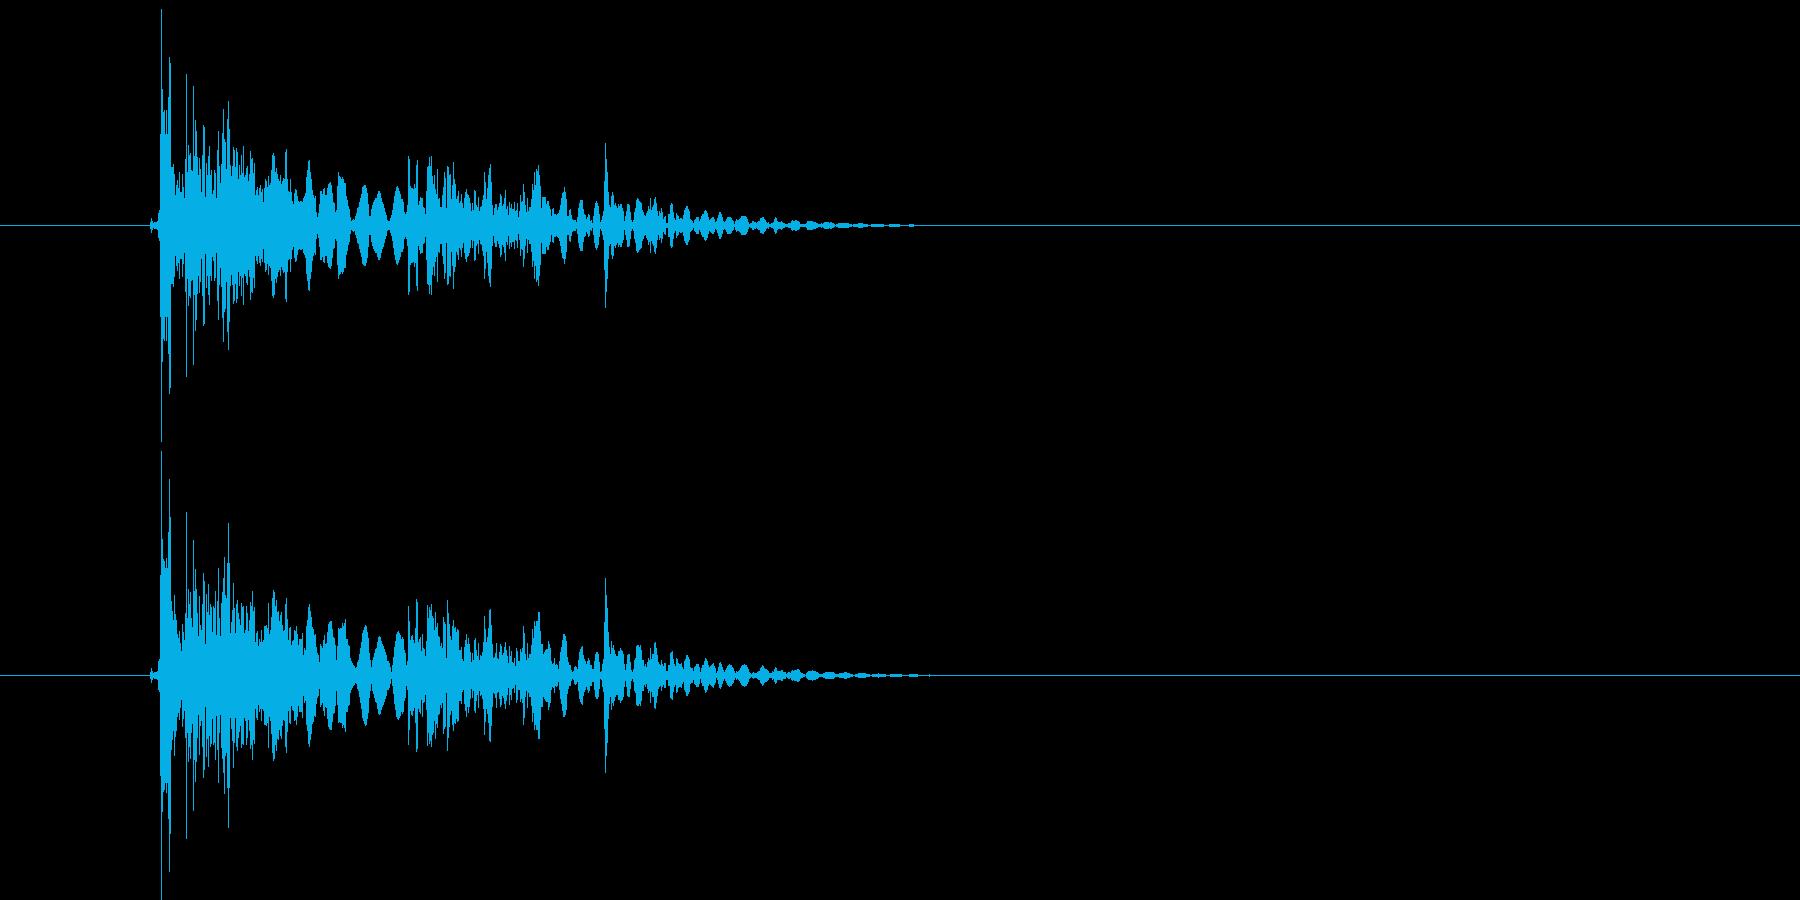 ガンガラガラ(岩が砕けるような効果音)の再生済みの波形